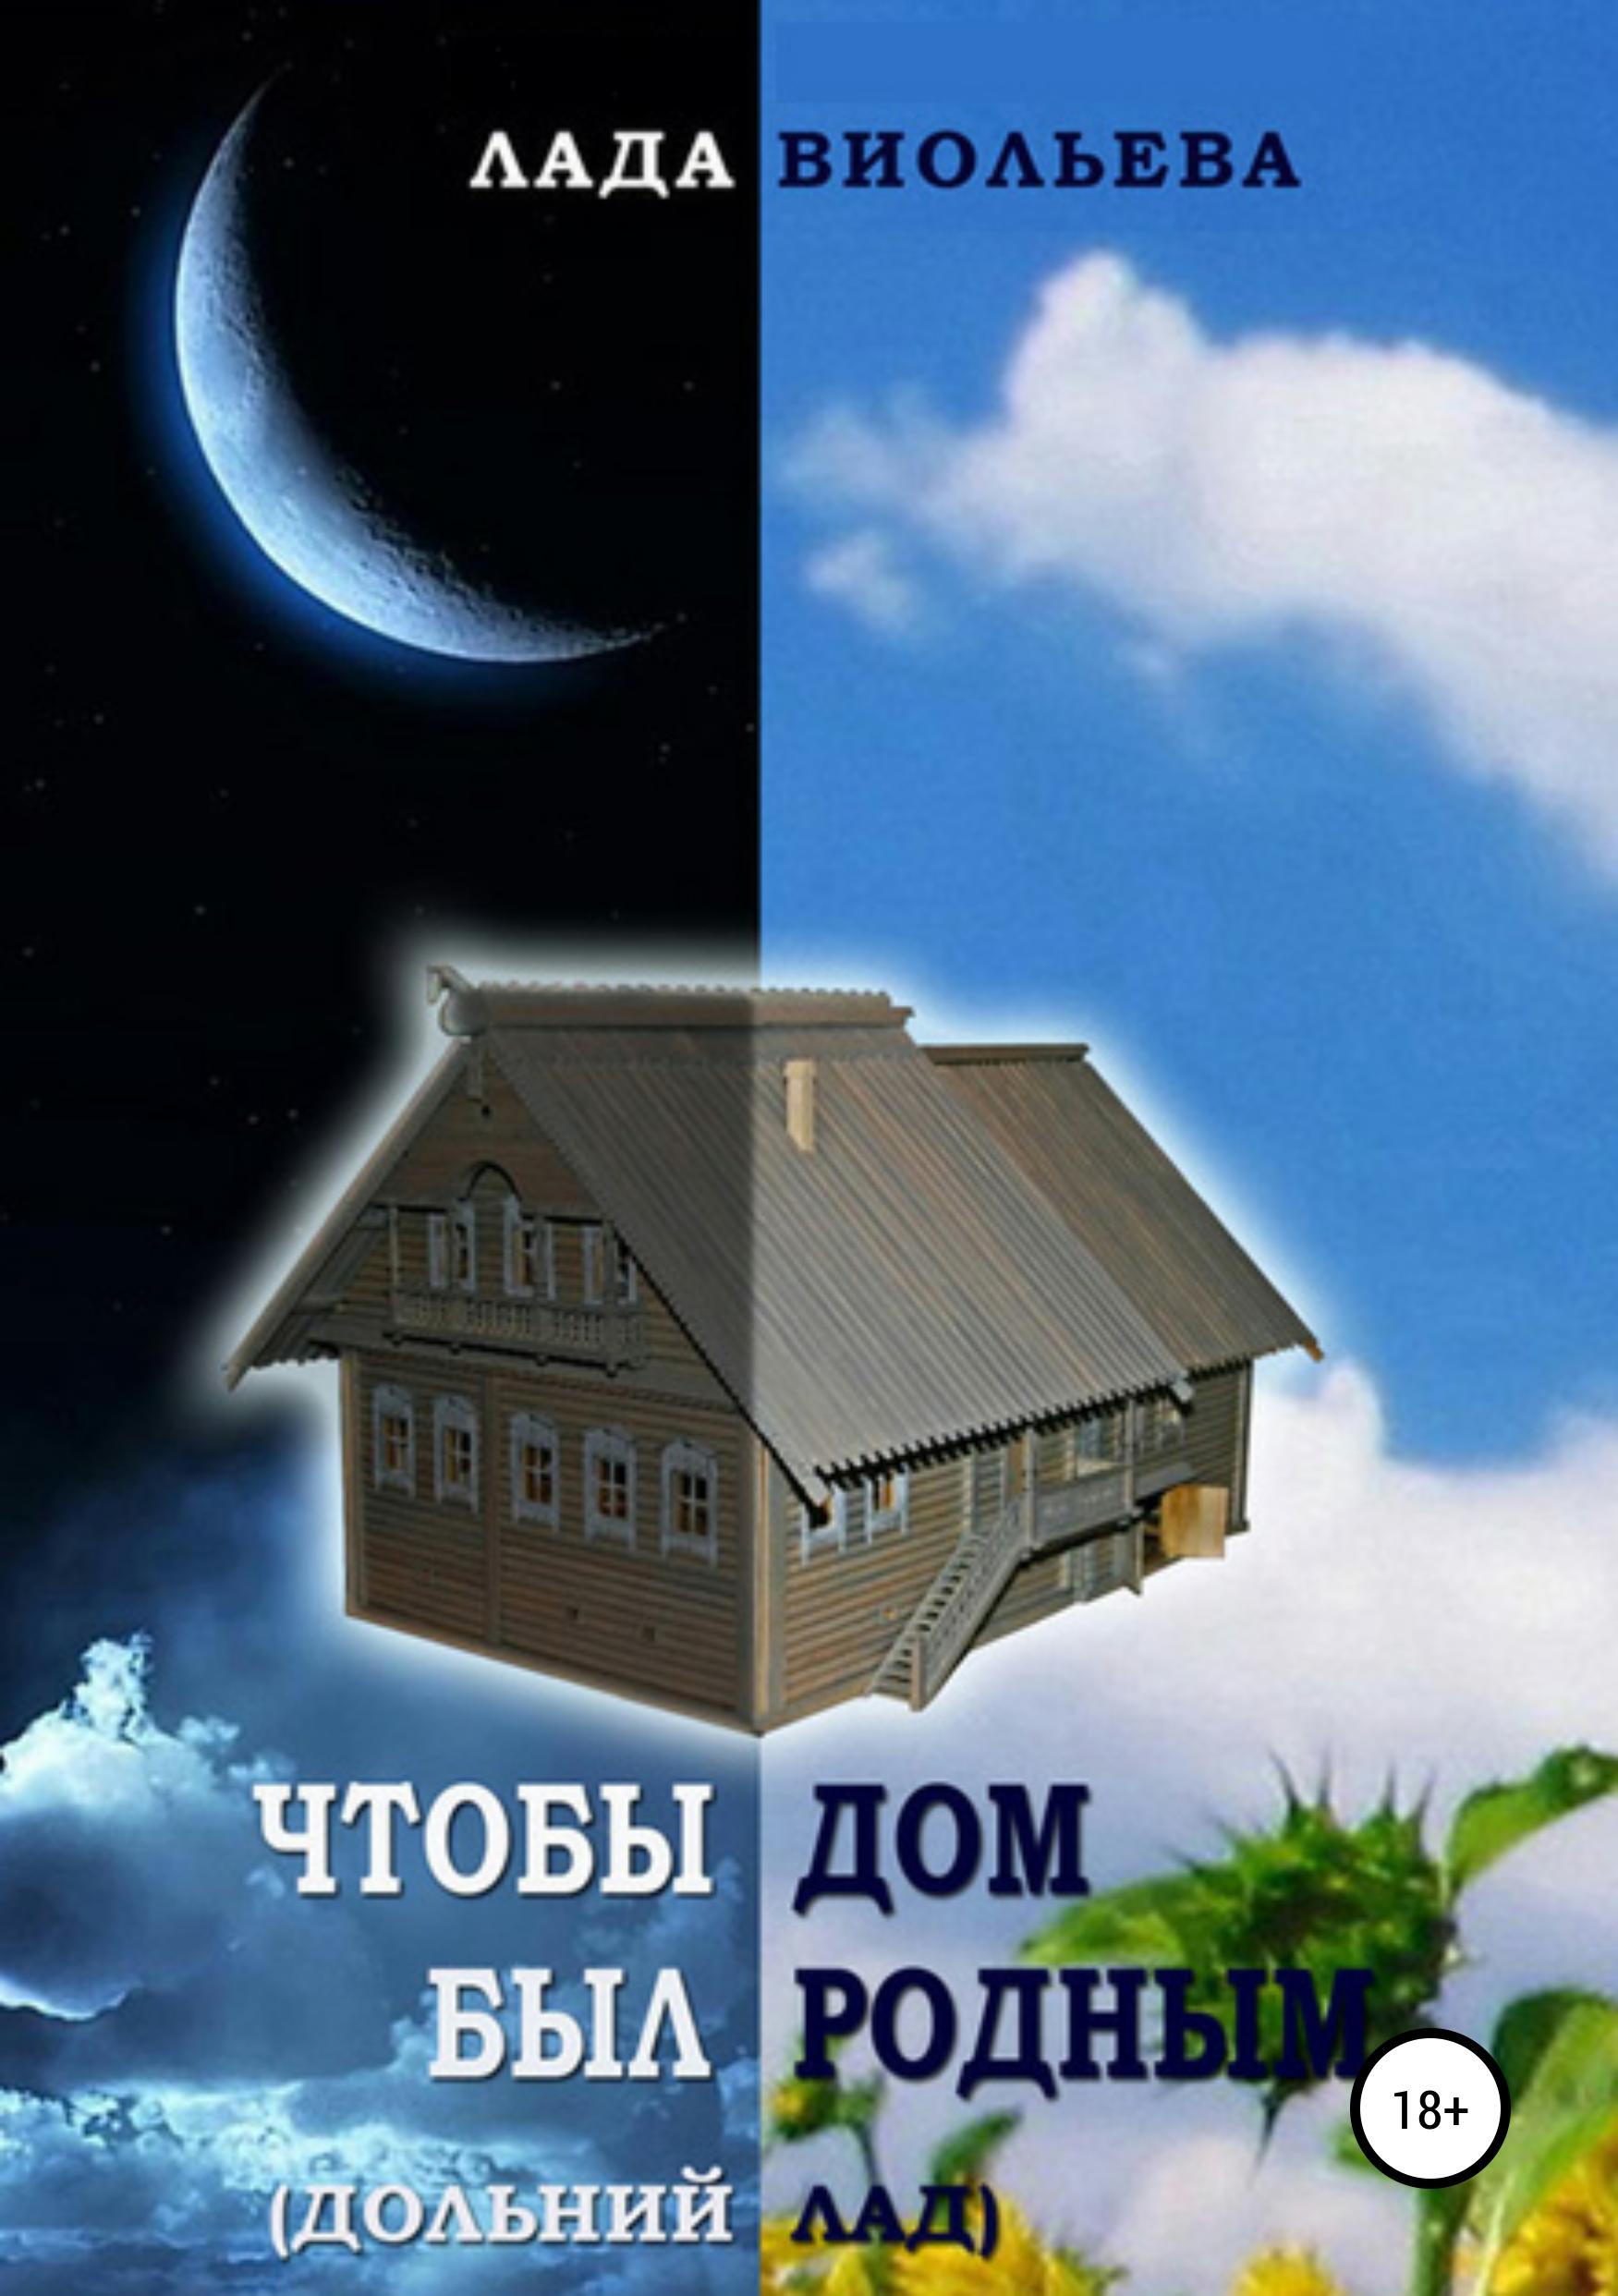 Лада Виольева «Чтобы дом был родным»